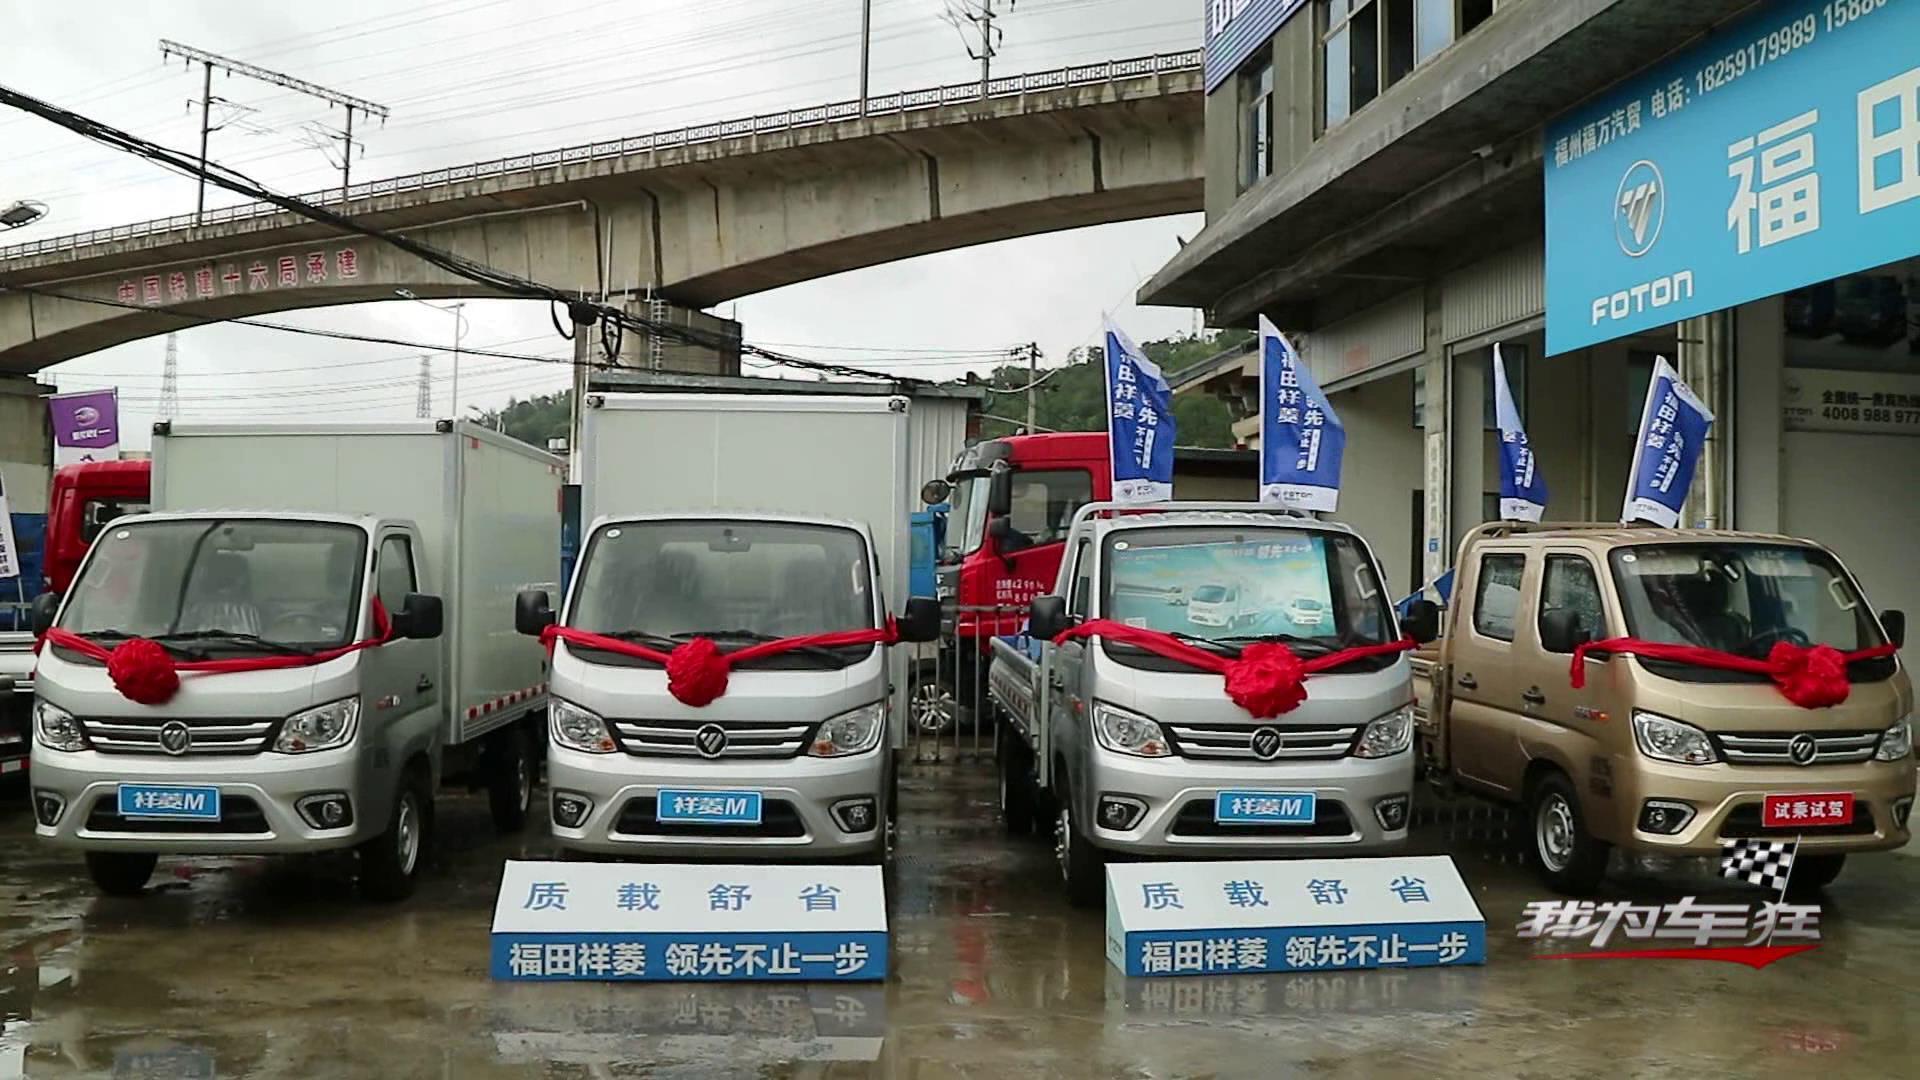 领先不止一步,福田祥菱百城千店汽车狂欢节来啦!